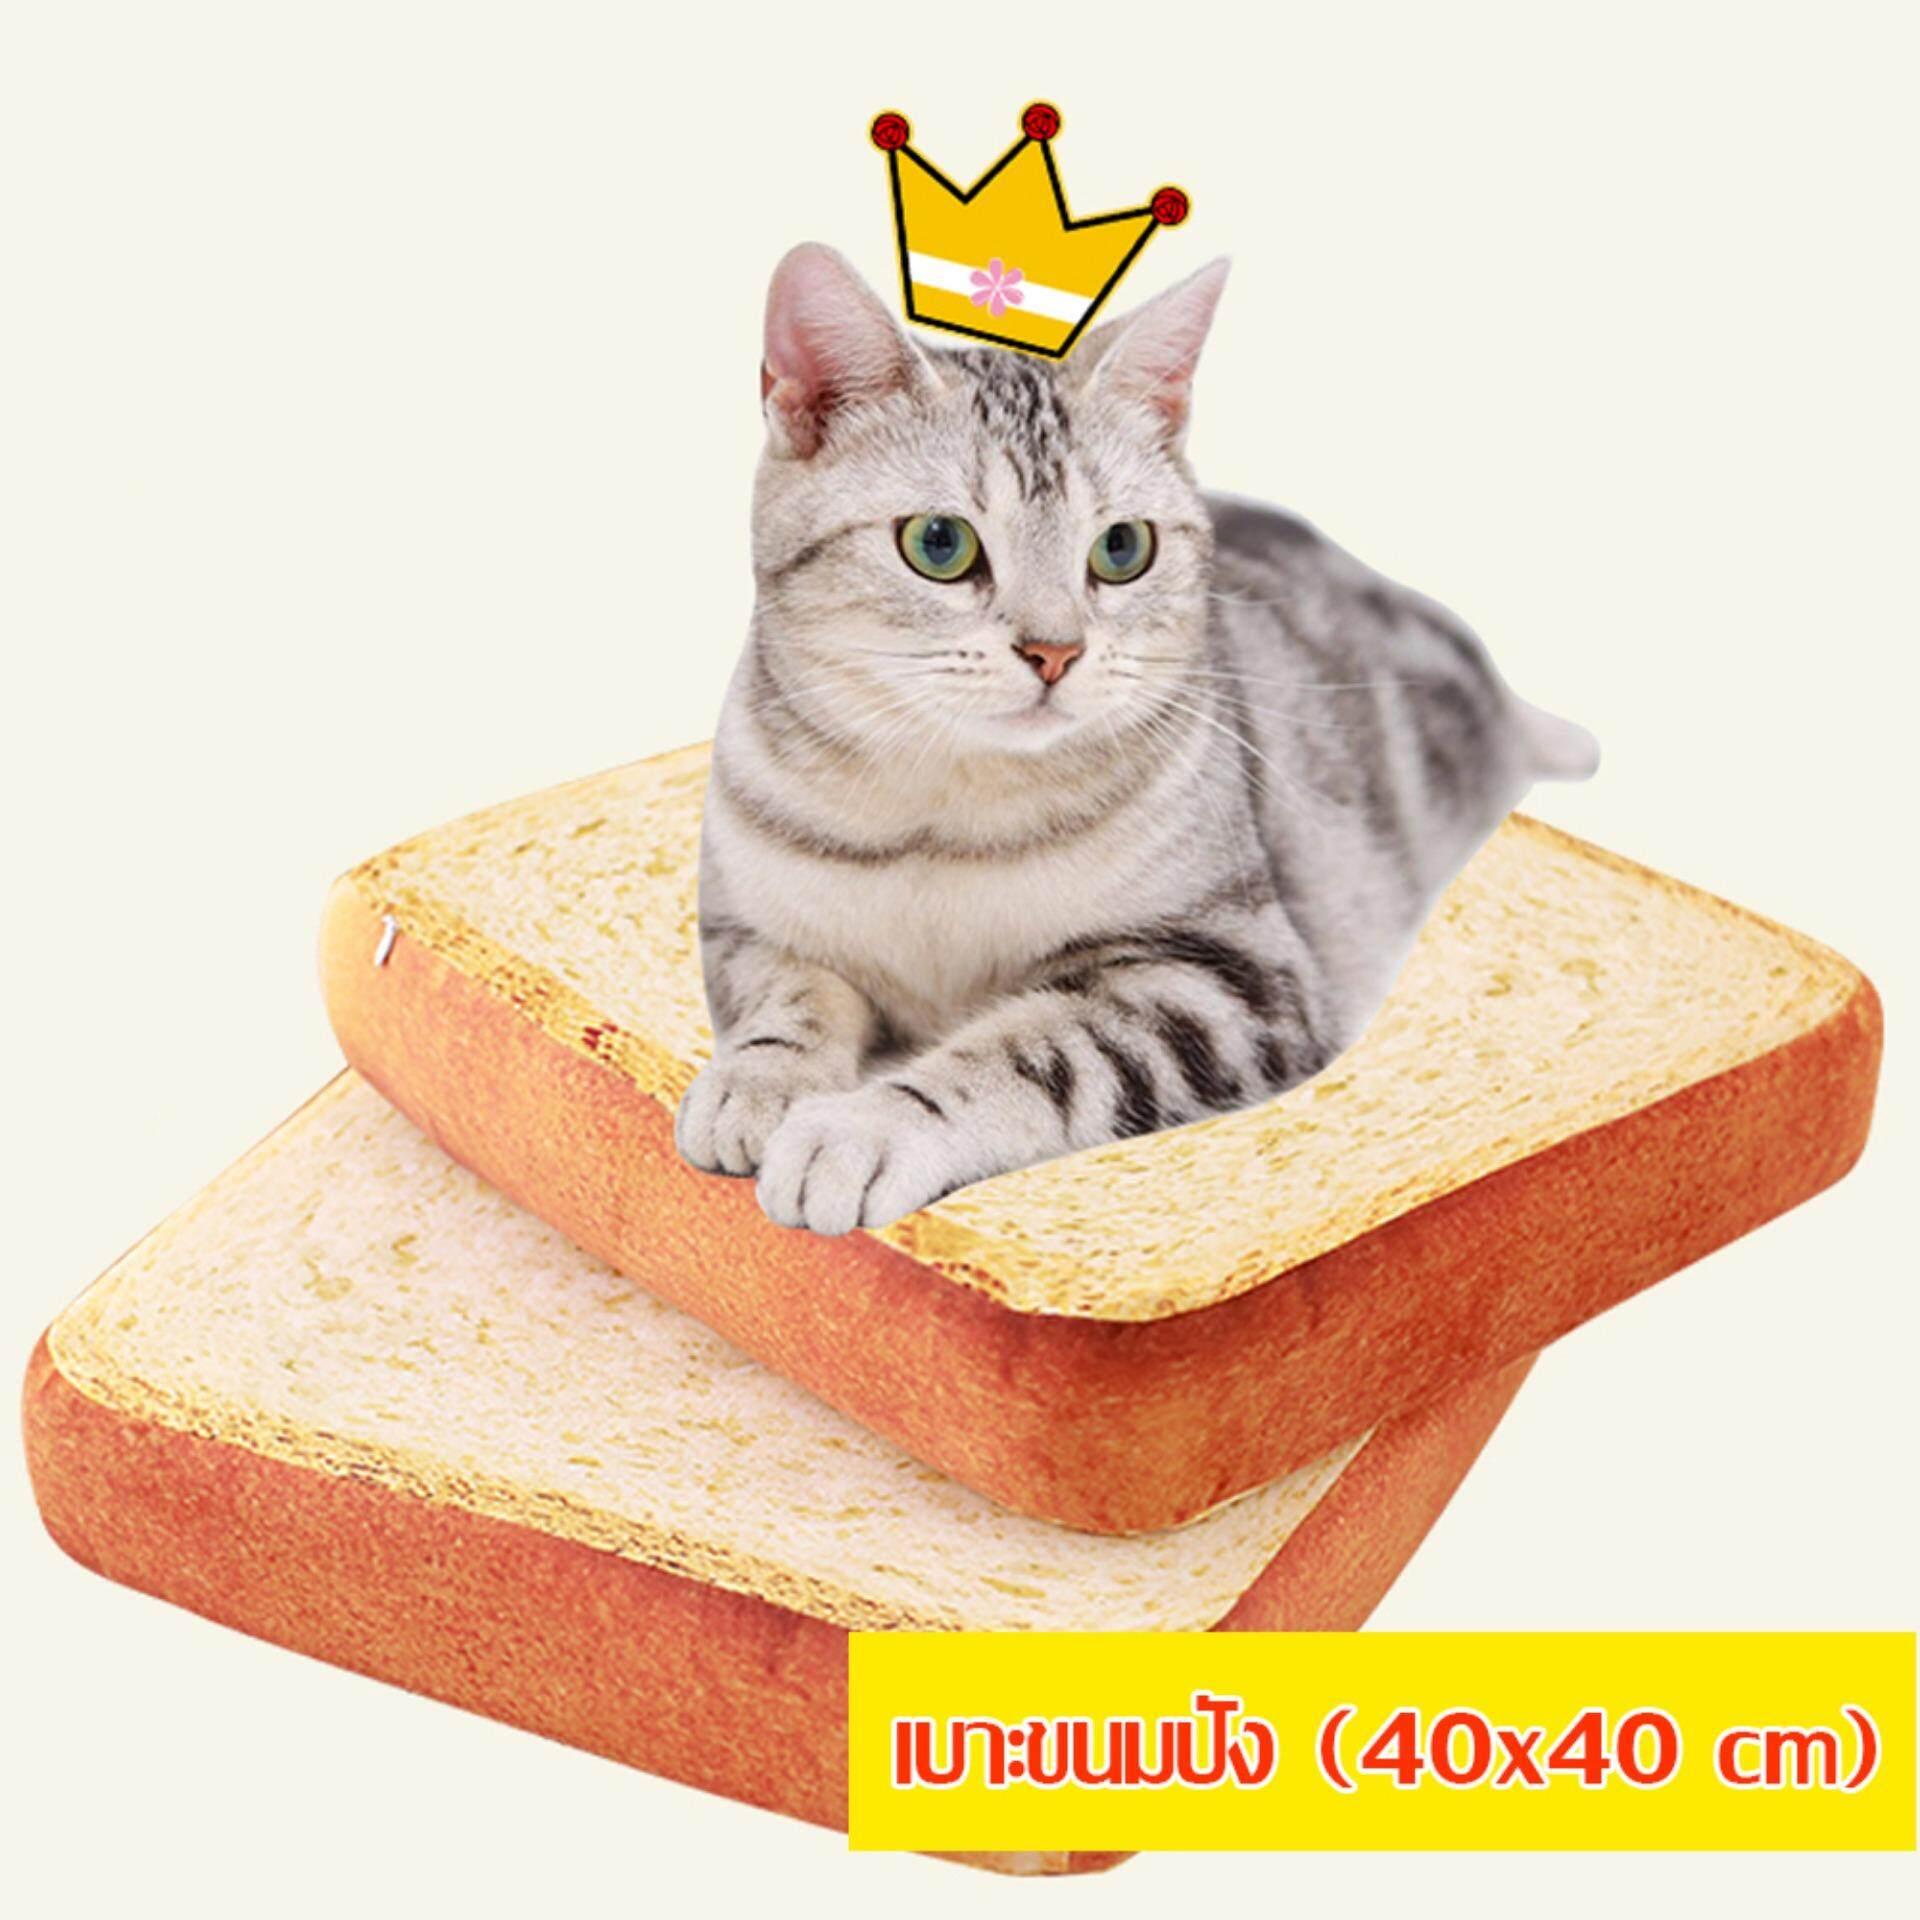 ซื้อ Petstory ที่นอนขนมปัง เบาะขนมปัง ที่นอนแมว เบาะแมว ขนาด 40Cm กรุงเทพมหานคร